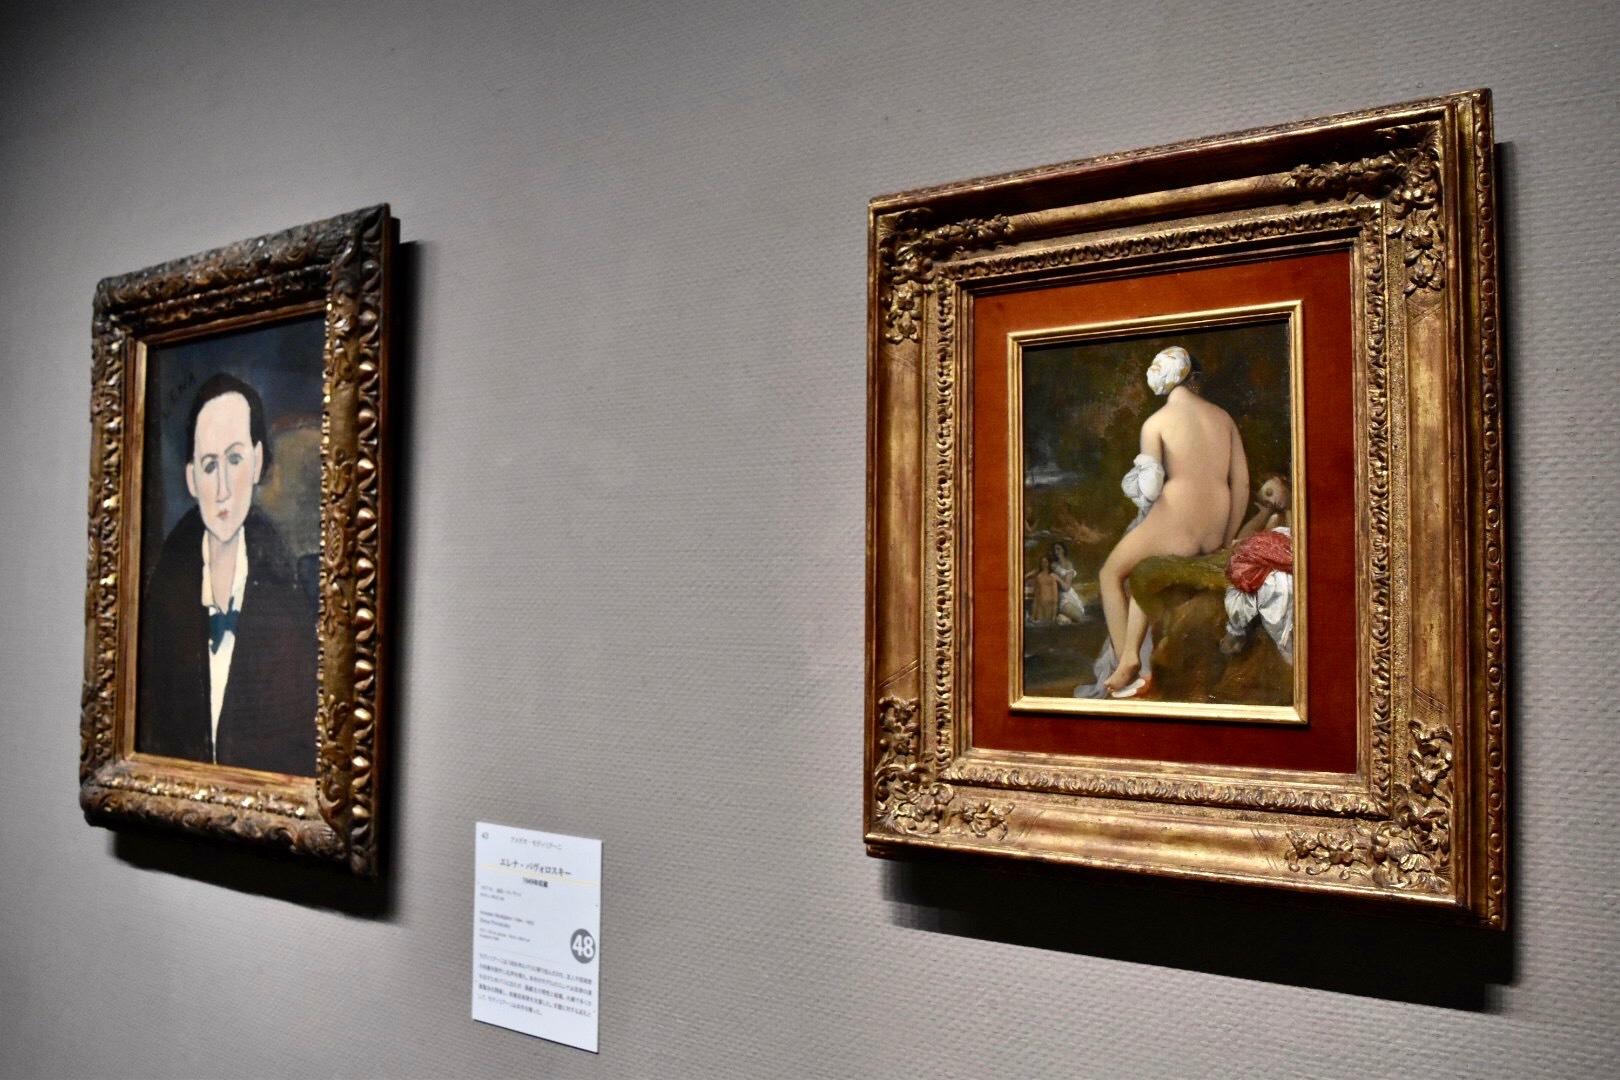 展示風景:右:ドミニク・アングル 《水浴の女(小)》 1826年 左奥:アメデオ・モディリアーニ 《エレナ・パヴォロスキー》 1917年